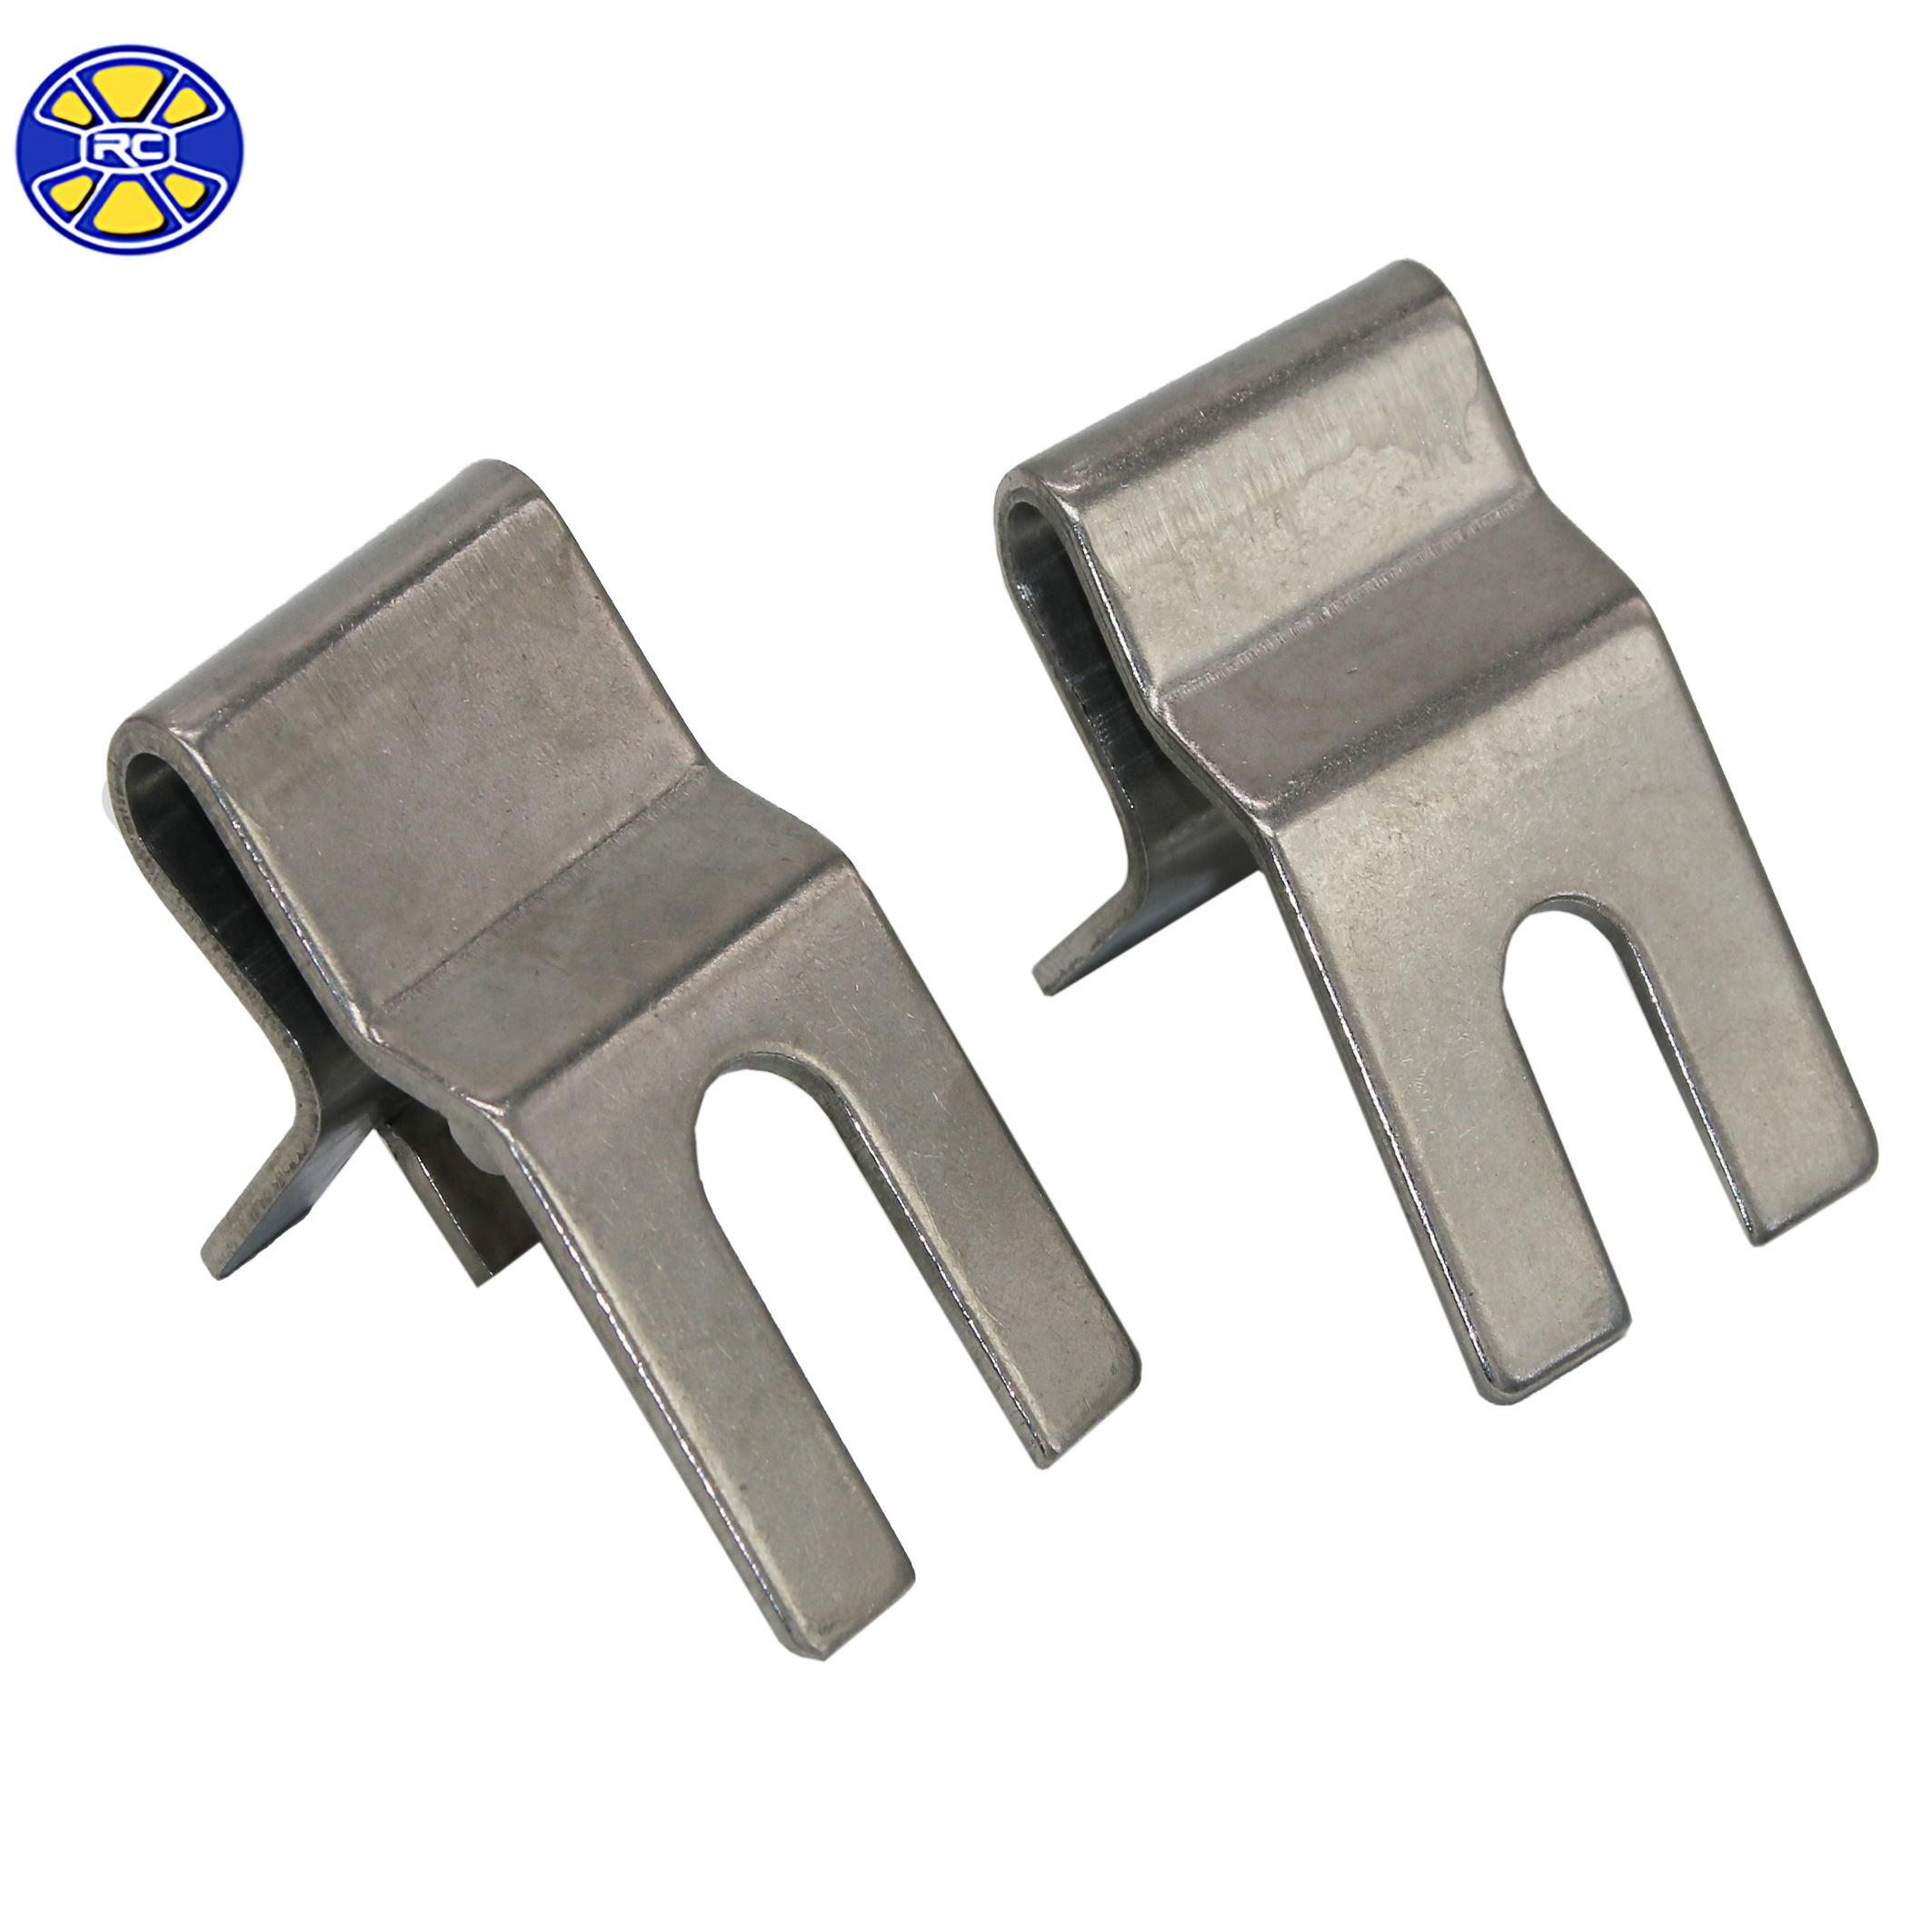 Aduanas barato estampado de hoja de Metal de acero inoxidable piezas de acero inoxidable